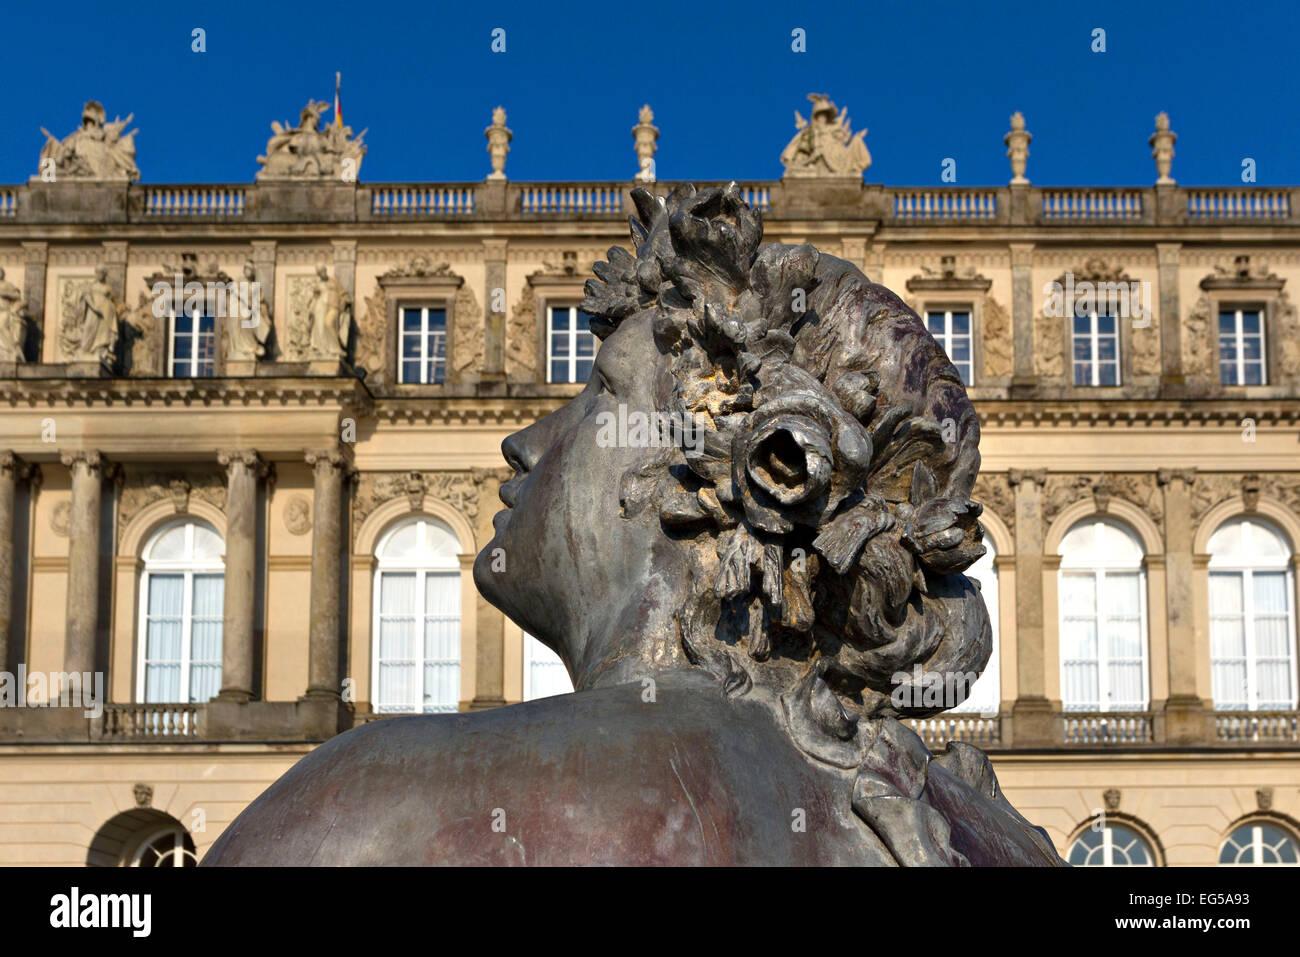 Herrenchiemsee Schloss Palace Fountain Figure, Herreninsel, Chiemsee Chiemgau, Upper Bavaria Germany - Stock Image